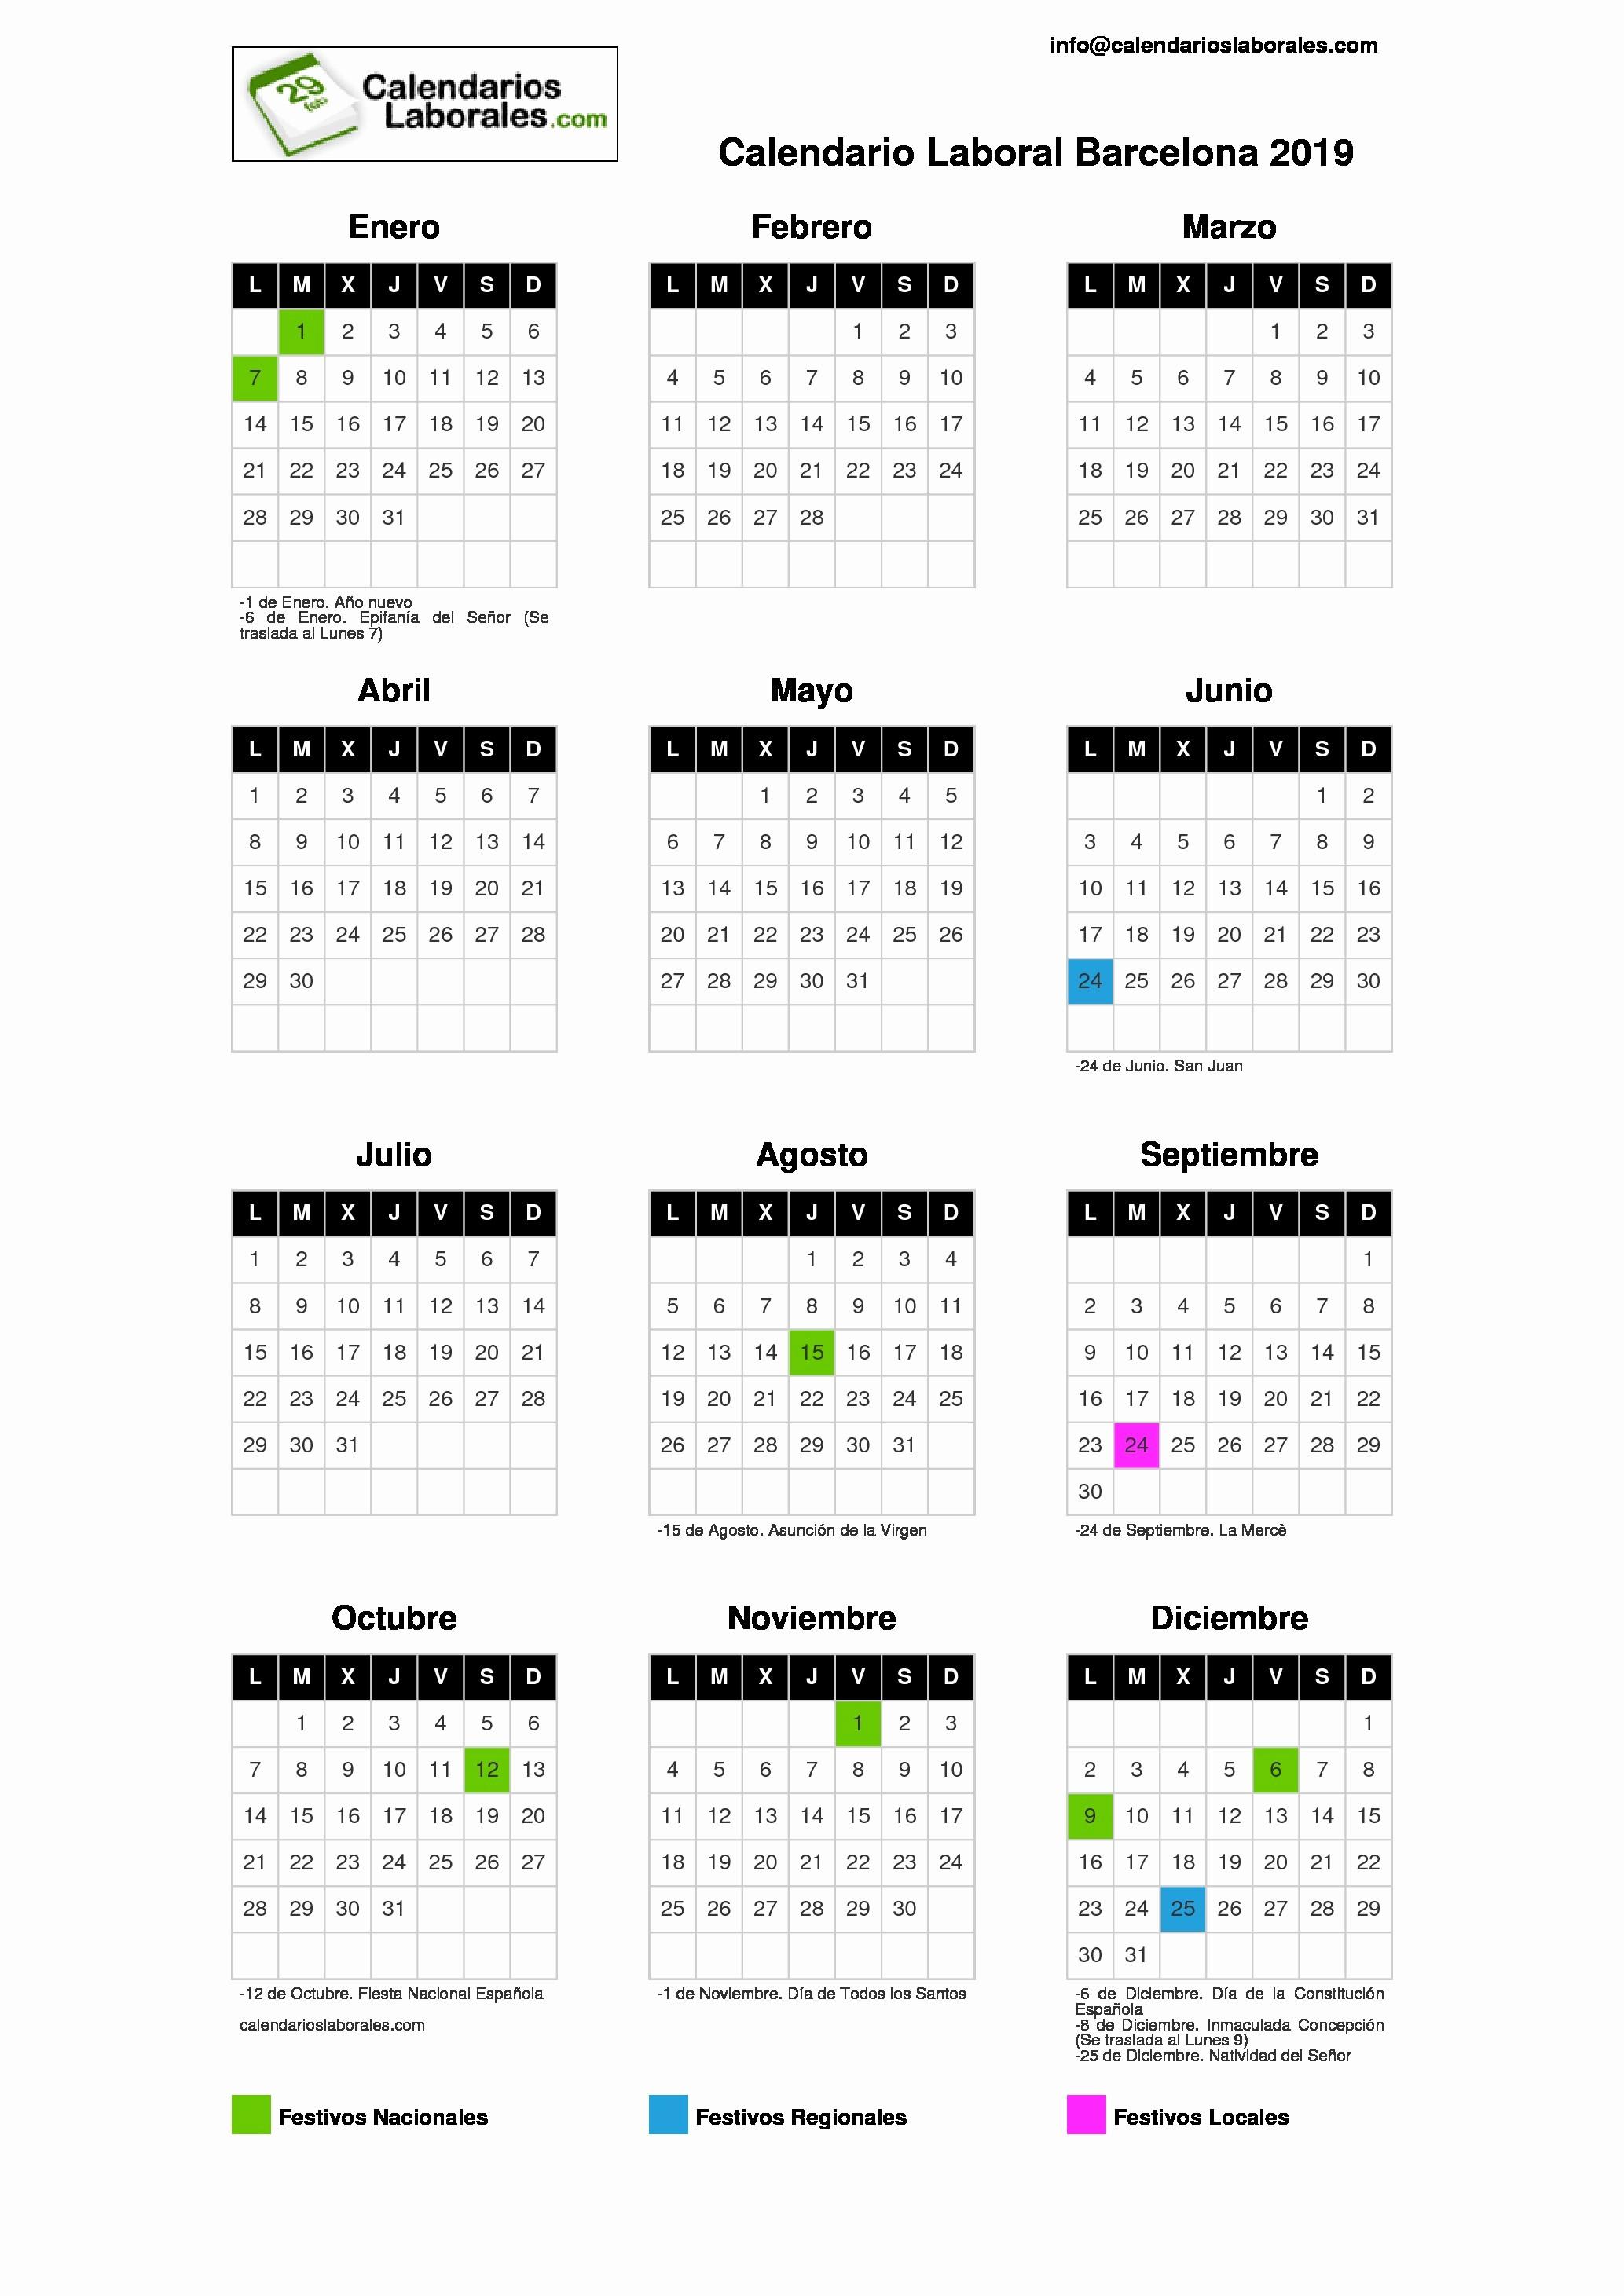 Calendario Escolar 2019 Albacete Más Recientes Calendario 2019 Marca Dactrimunnam Of Calendario Escolar 2019 Albacete Más Reciente Calaméo Noticias De Gipuzkoa